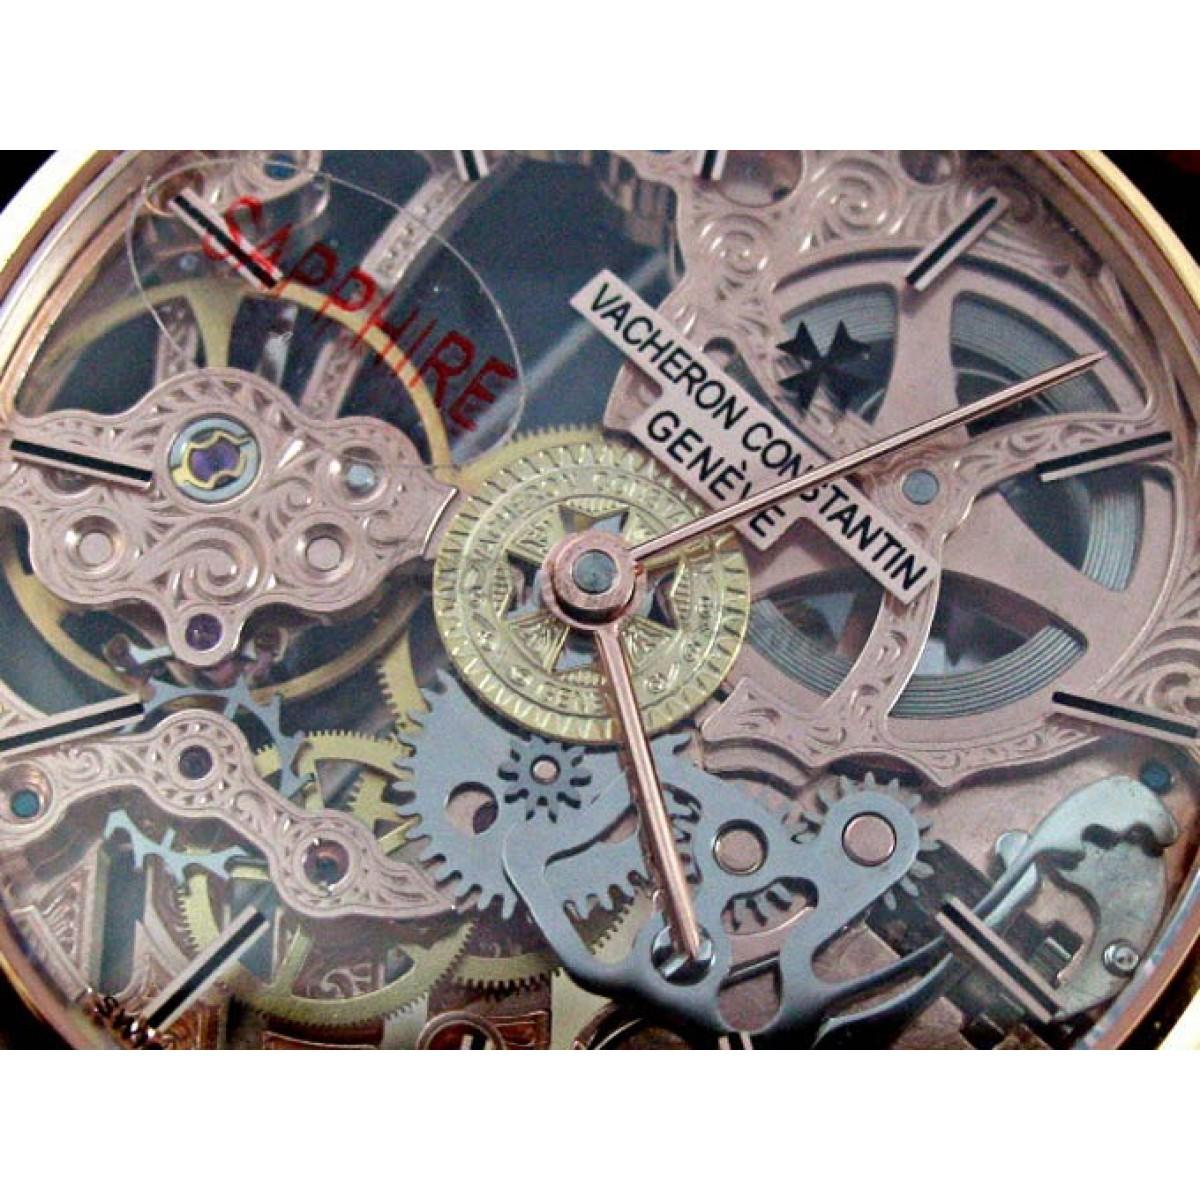 210eec5bc37 Relógio Réplica Vacheron Constantin Esqueleto Rose Gold Edition Limited